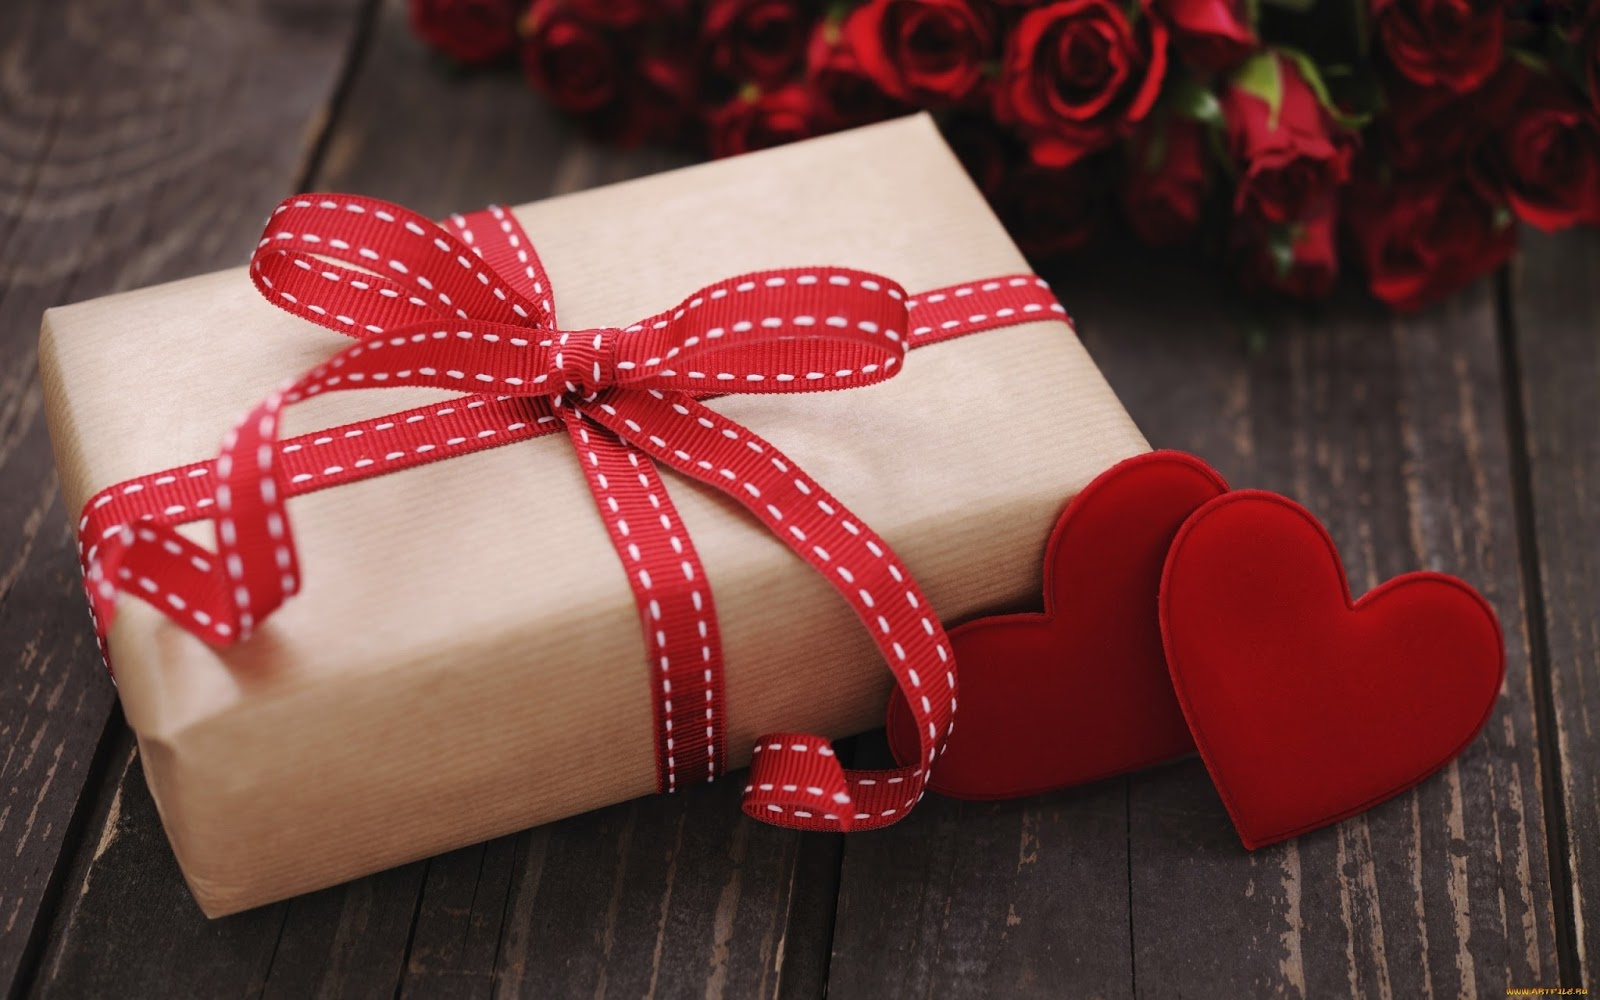 ПОДАРКИ: Вручение подарков, стихи к подаркам - Страница 10